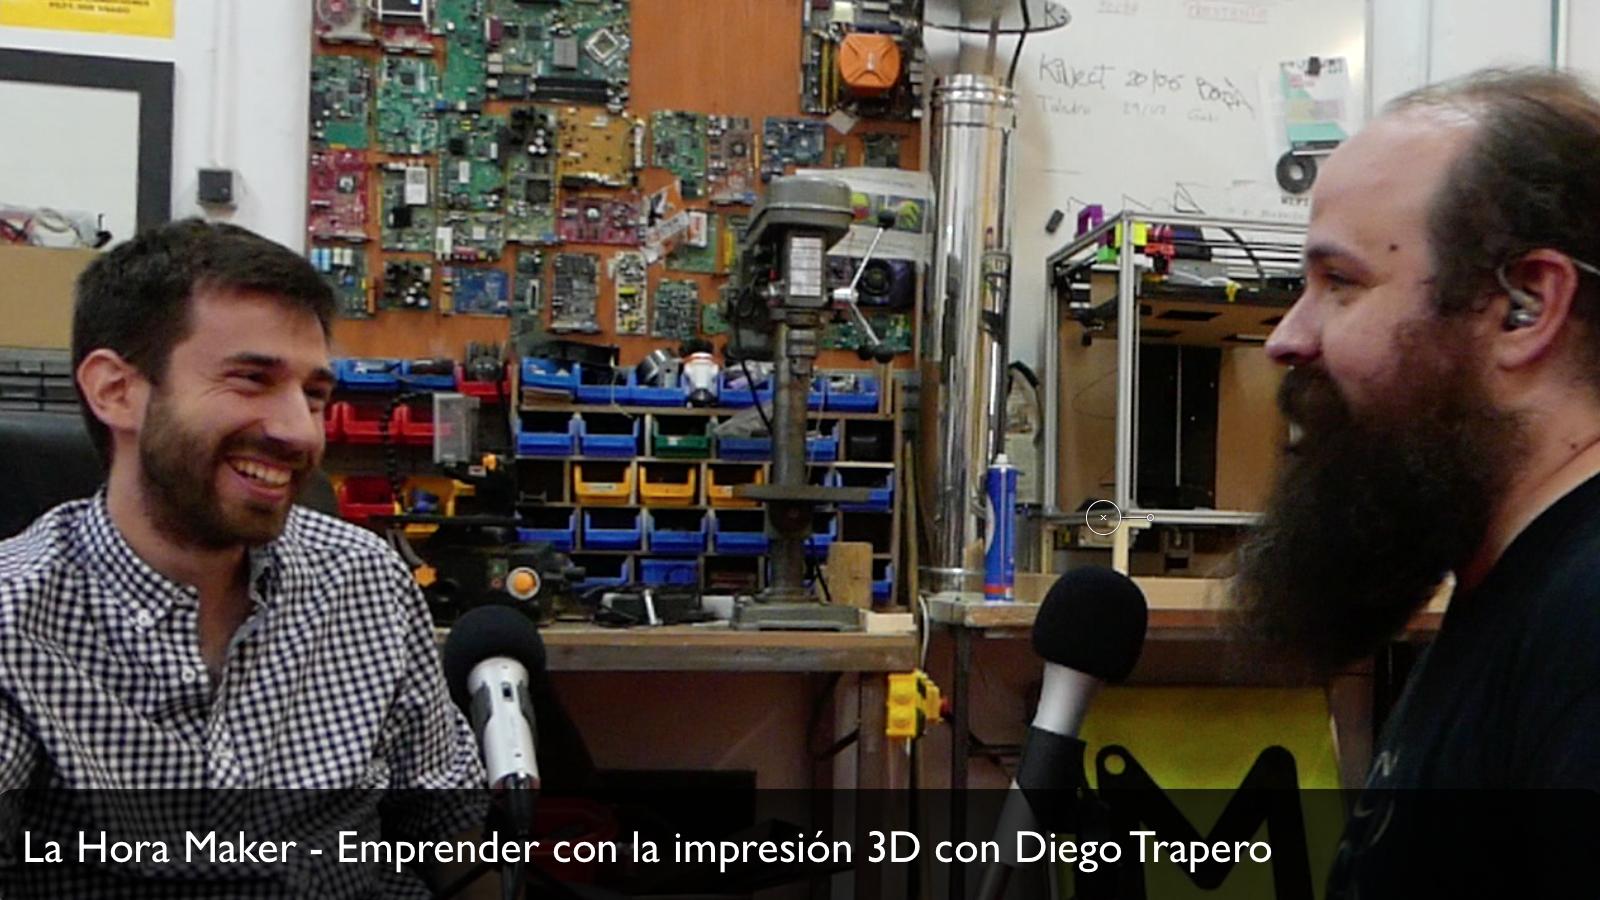 Entrevista con Diego Trapero sobre emprendimiento e impresion 3D